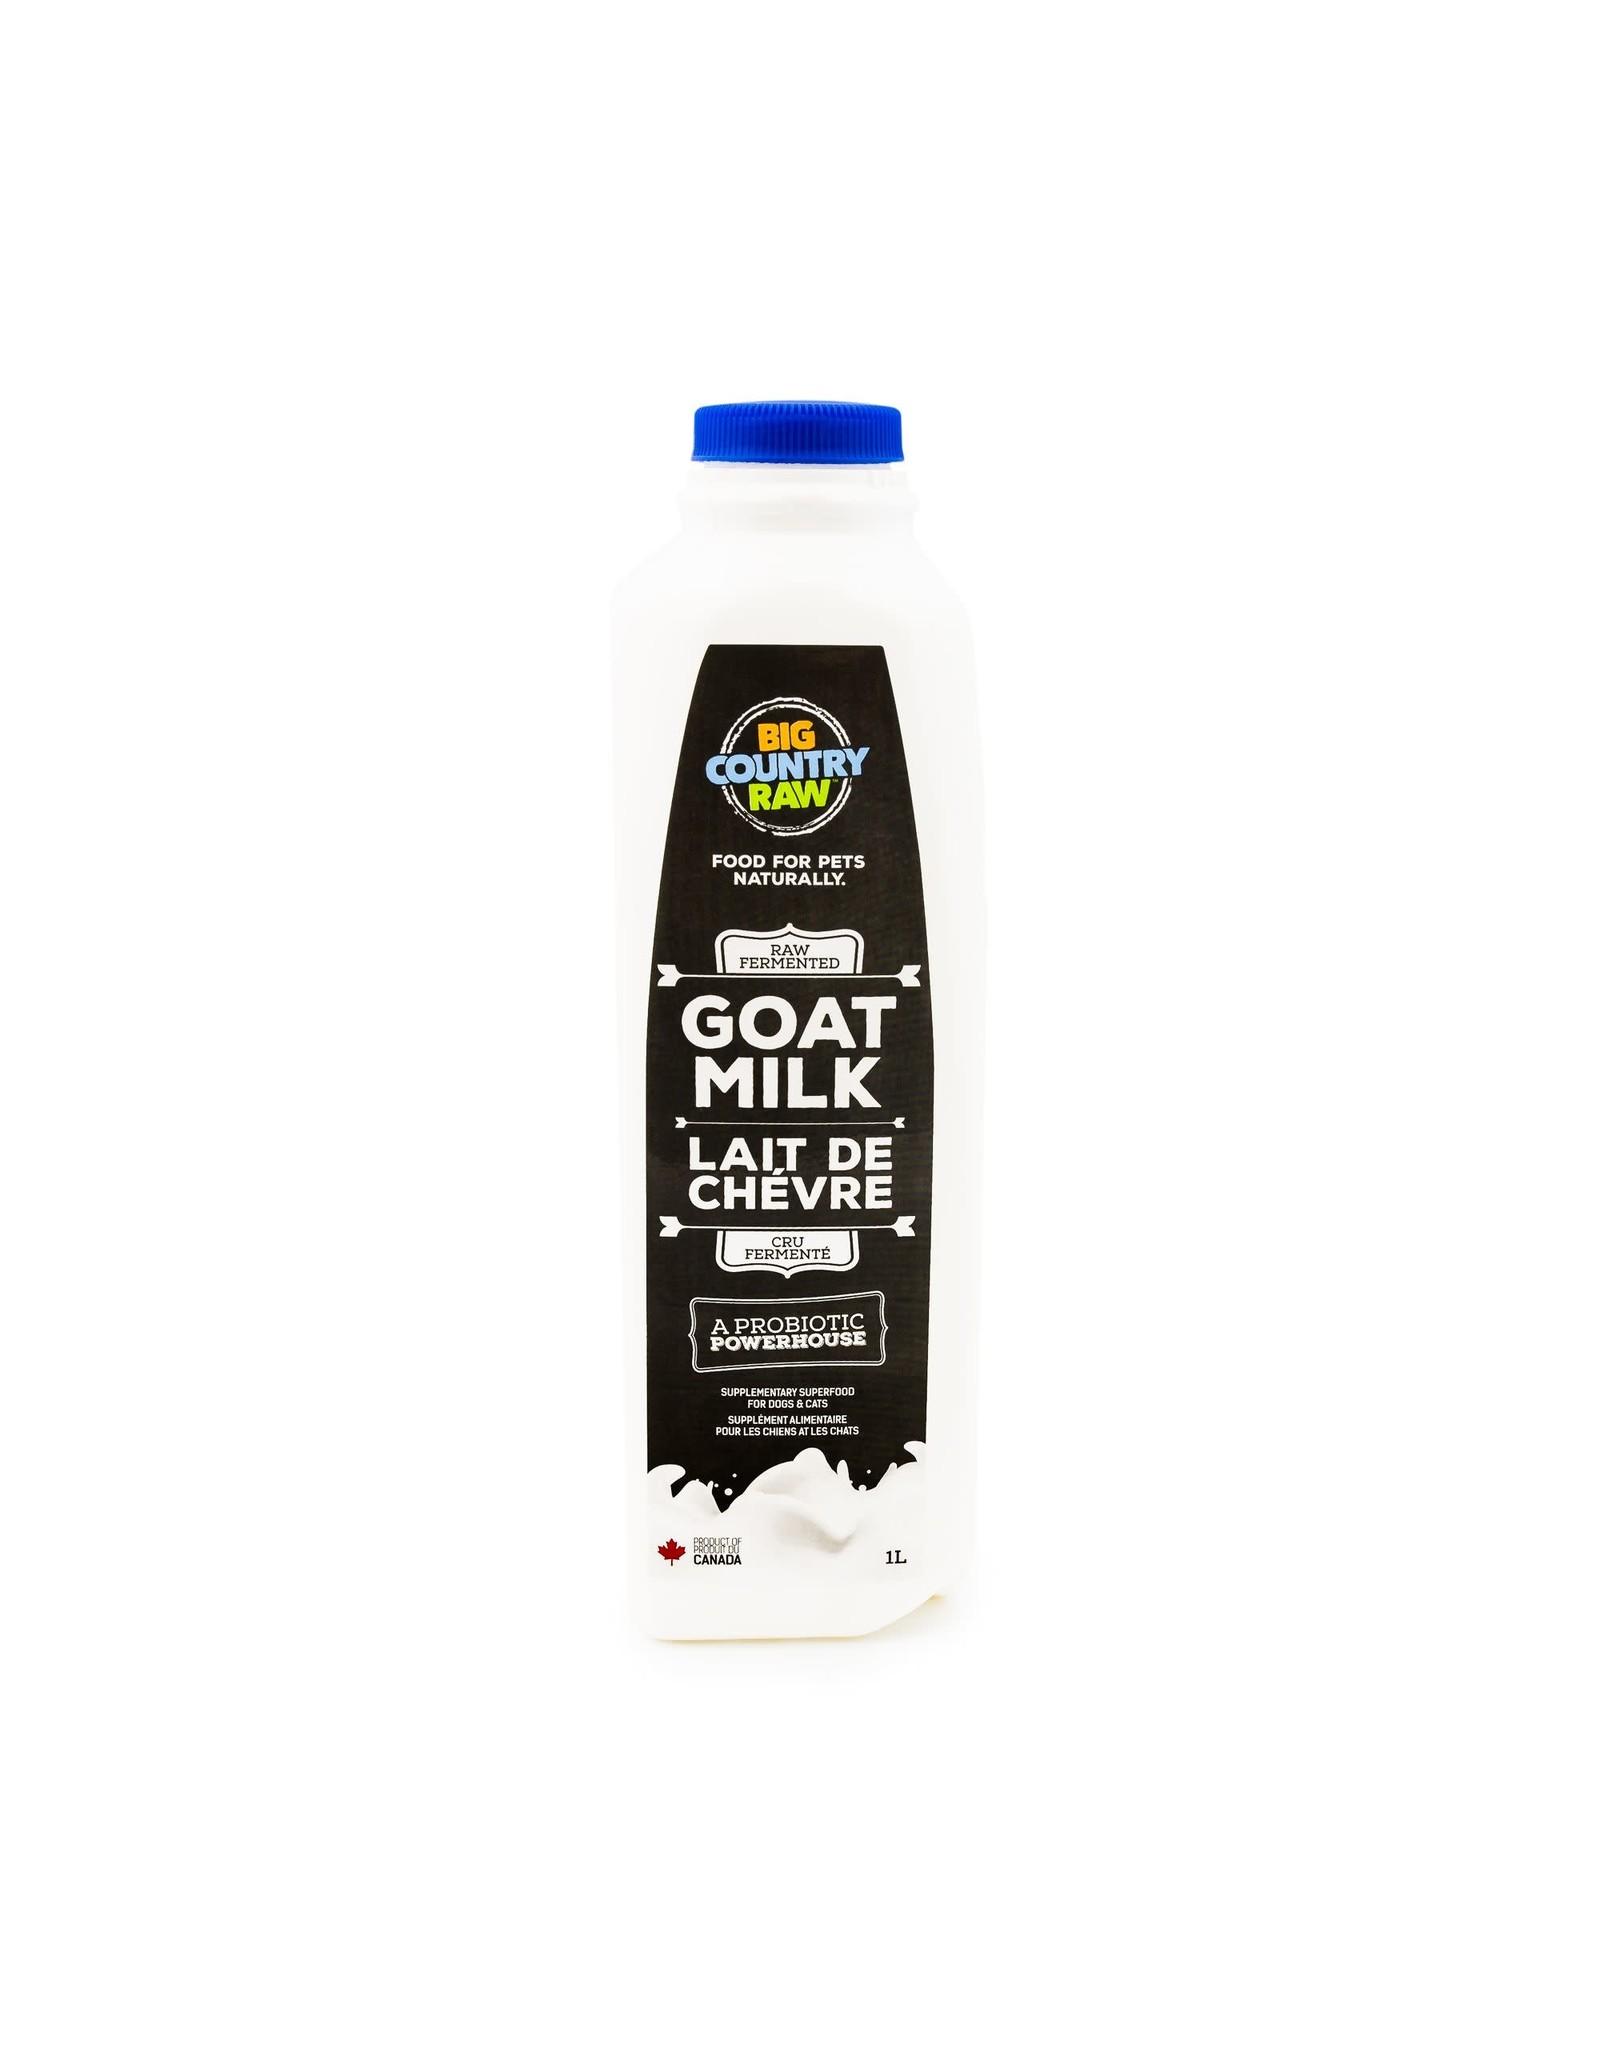 BCR BCR Raw Goat Milk 1L